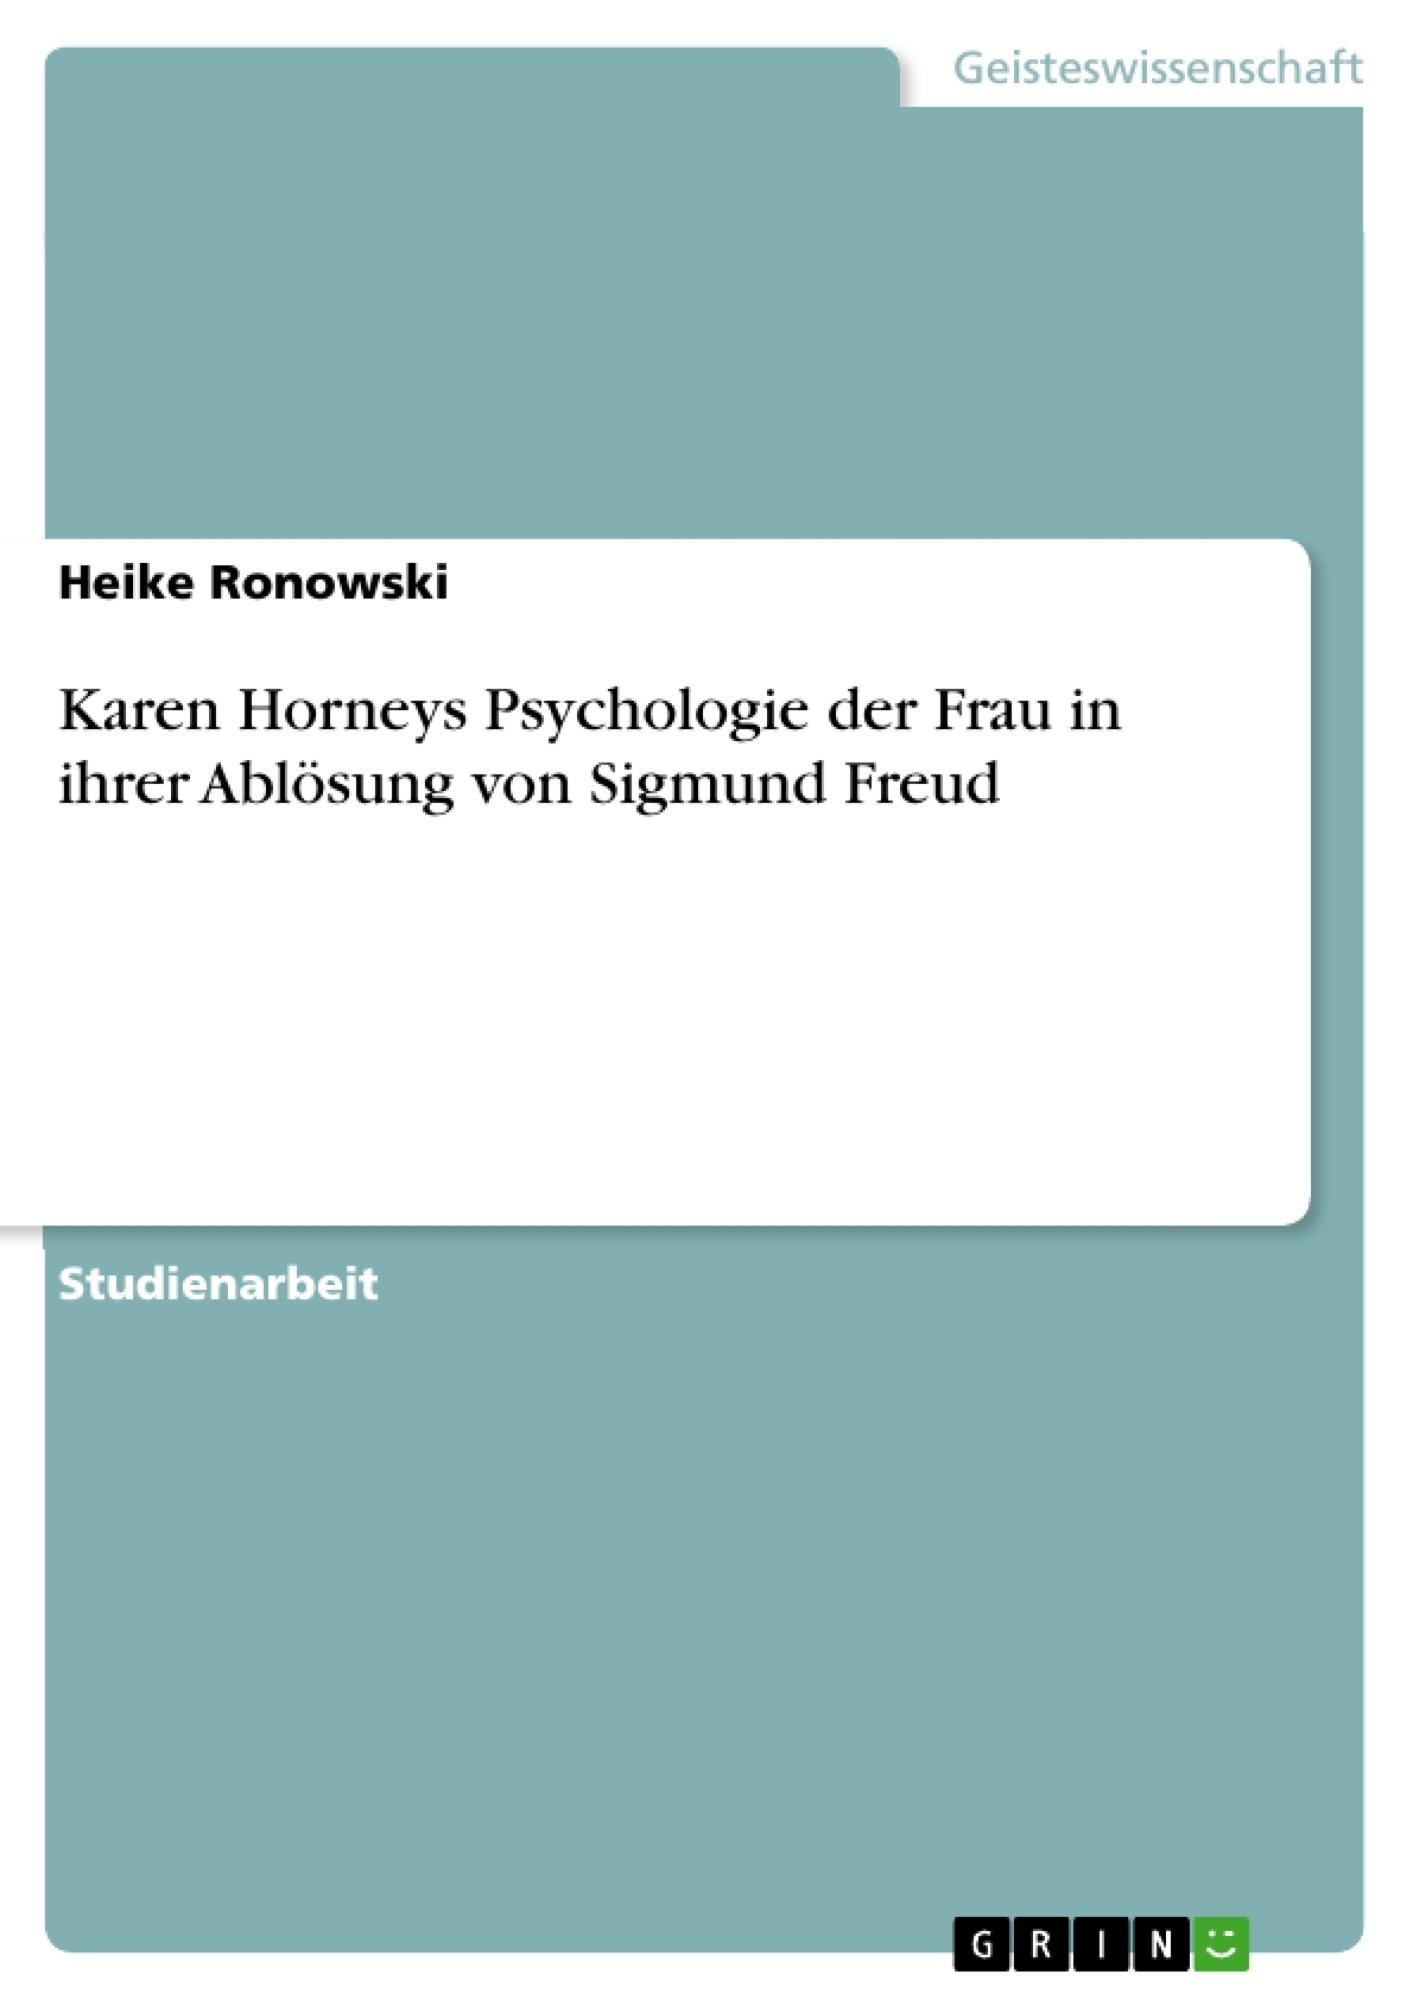 Titel: Karen Horneys Psychologie der Frau in ihrer Ablösung von Sigmund Freud